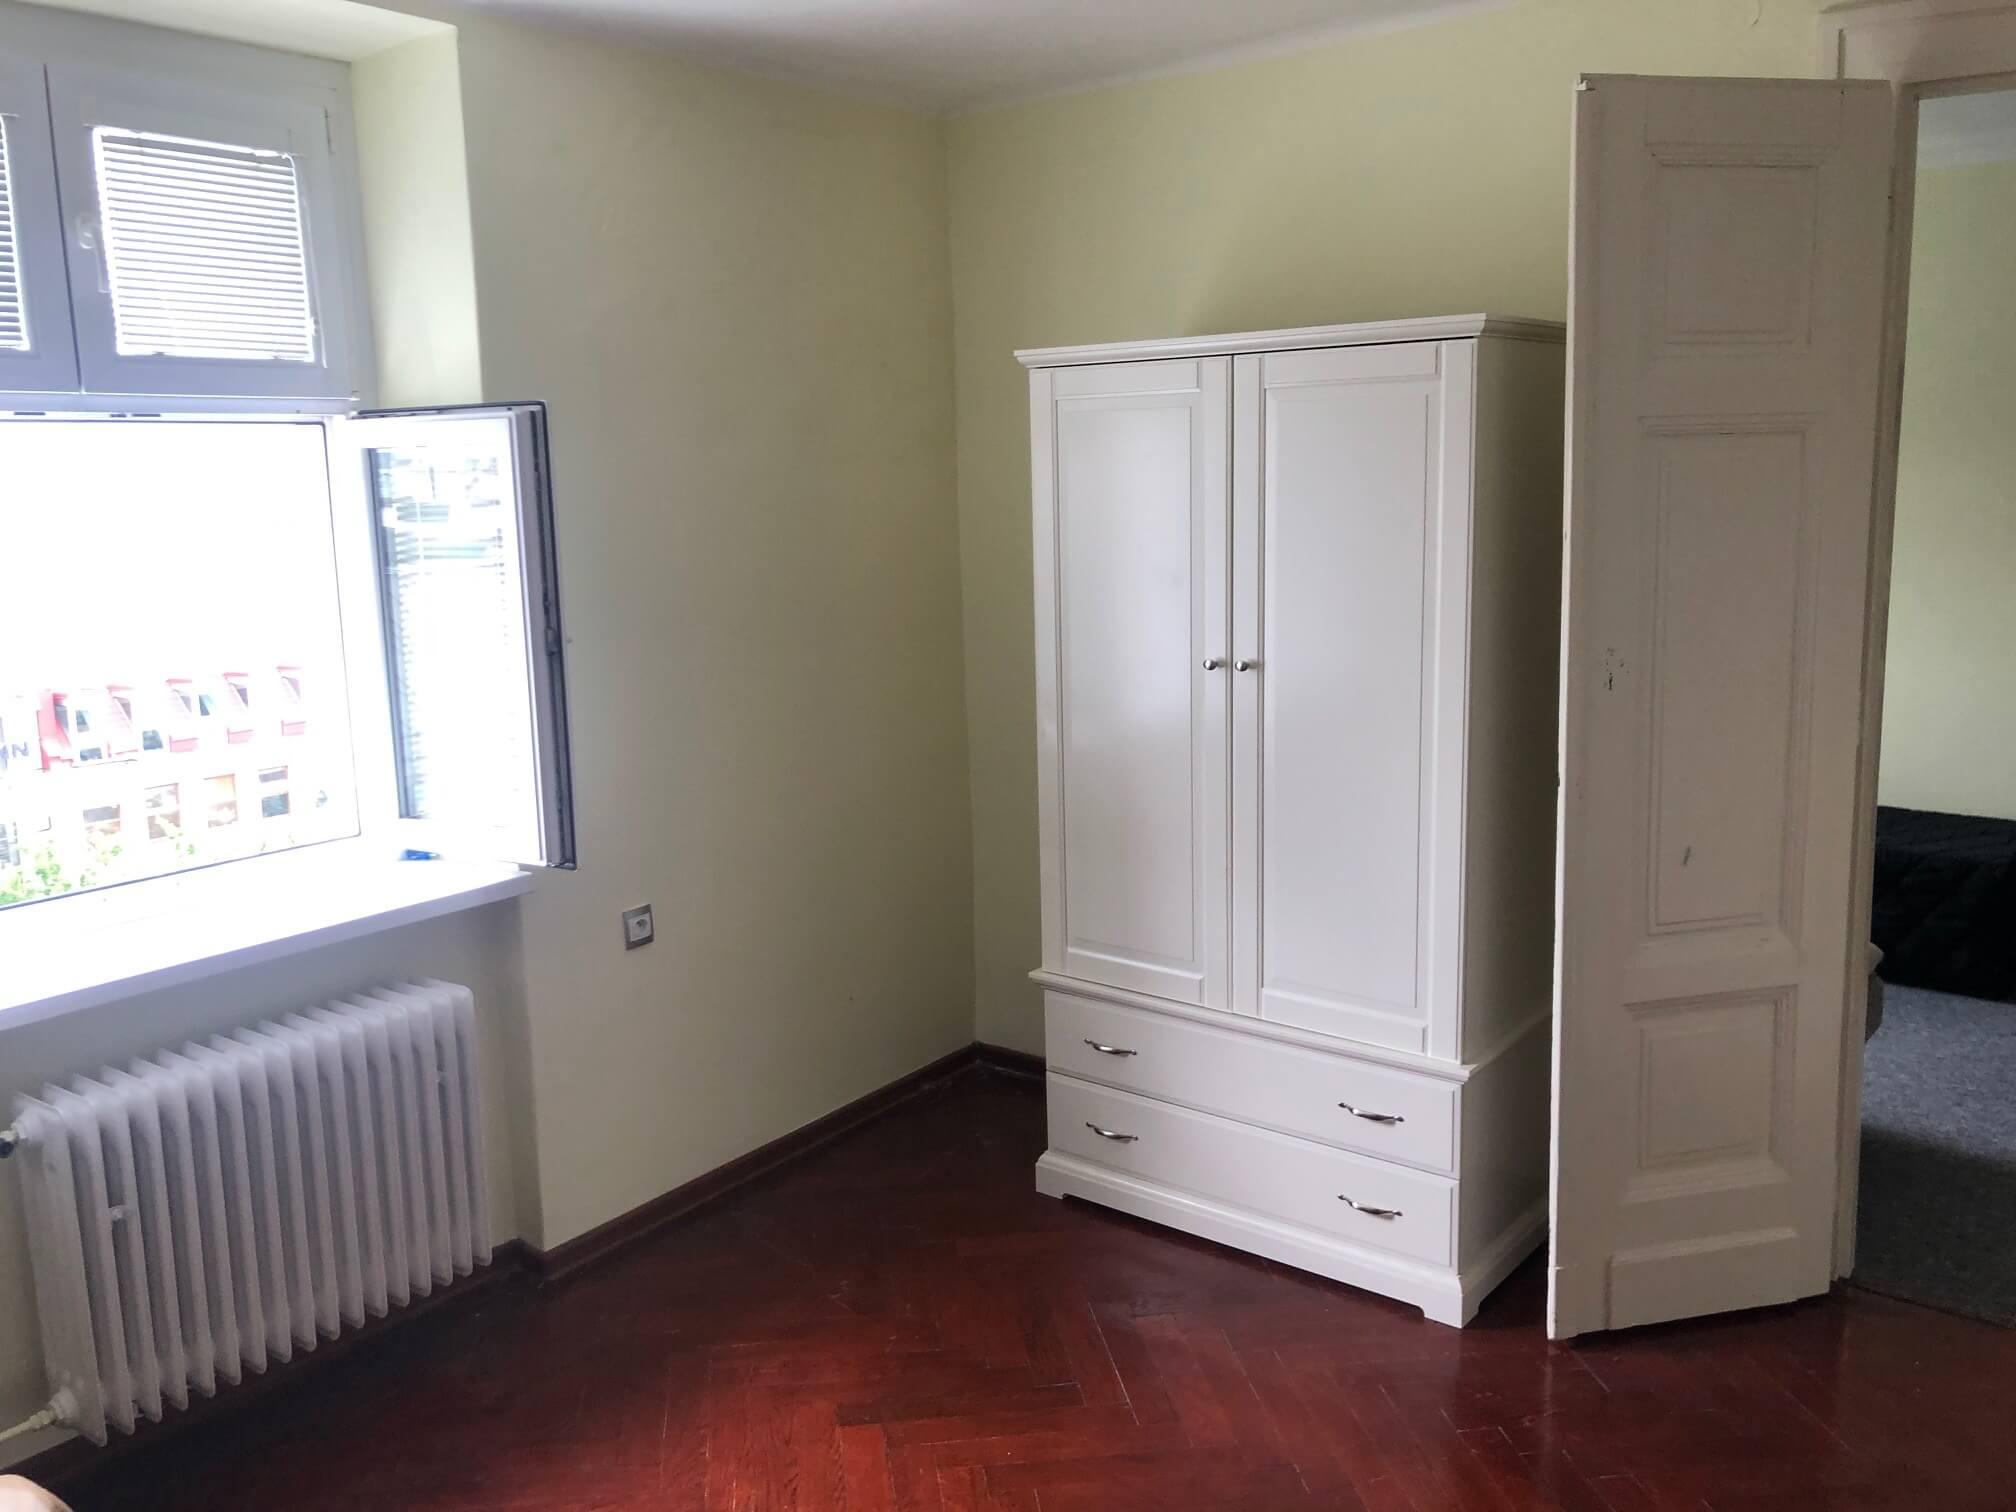 Na prenájom exkluzívne 2 izbový byt, 73,34m2, v Centre BA, Gorkeho 7, 7 poschodie-21